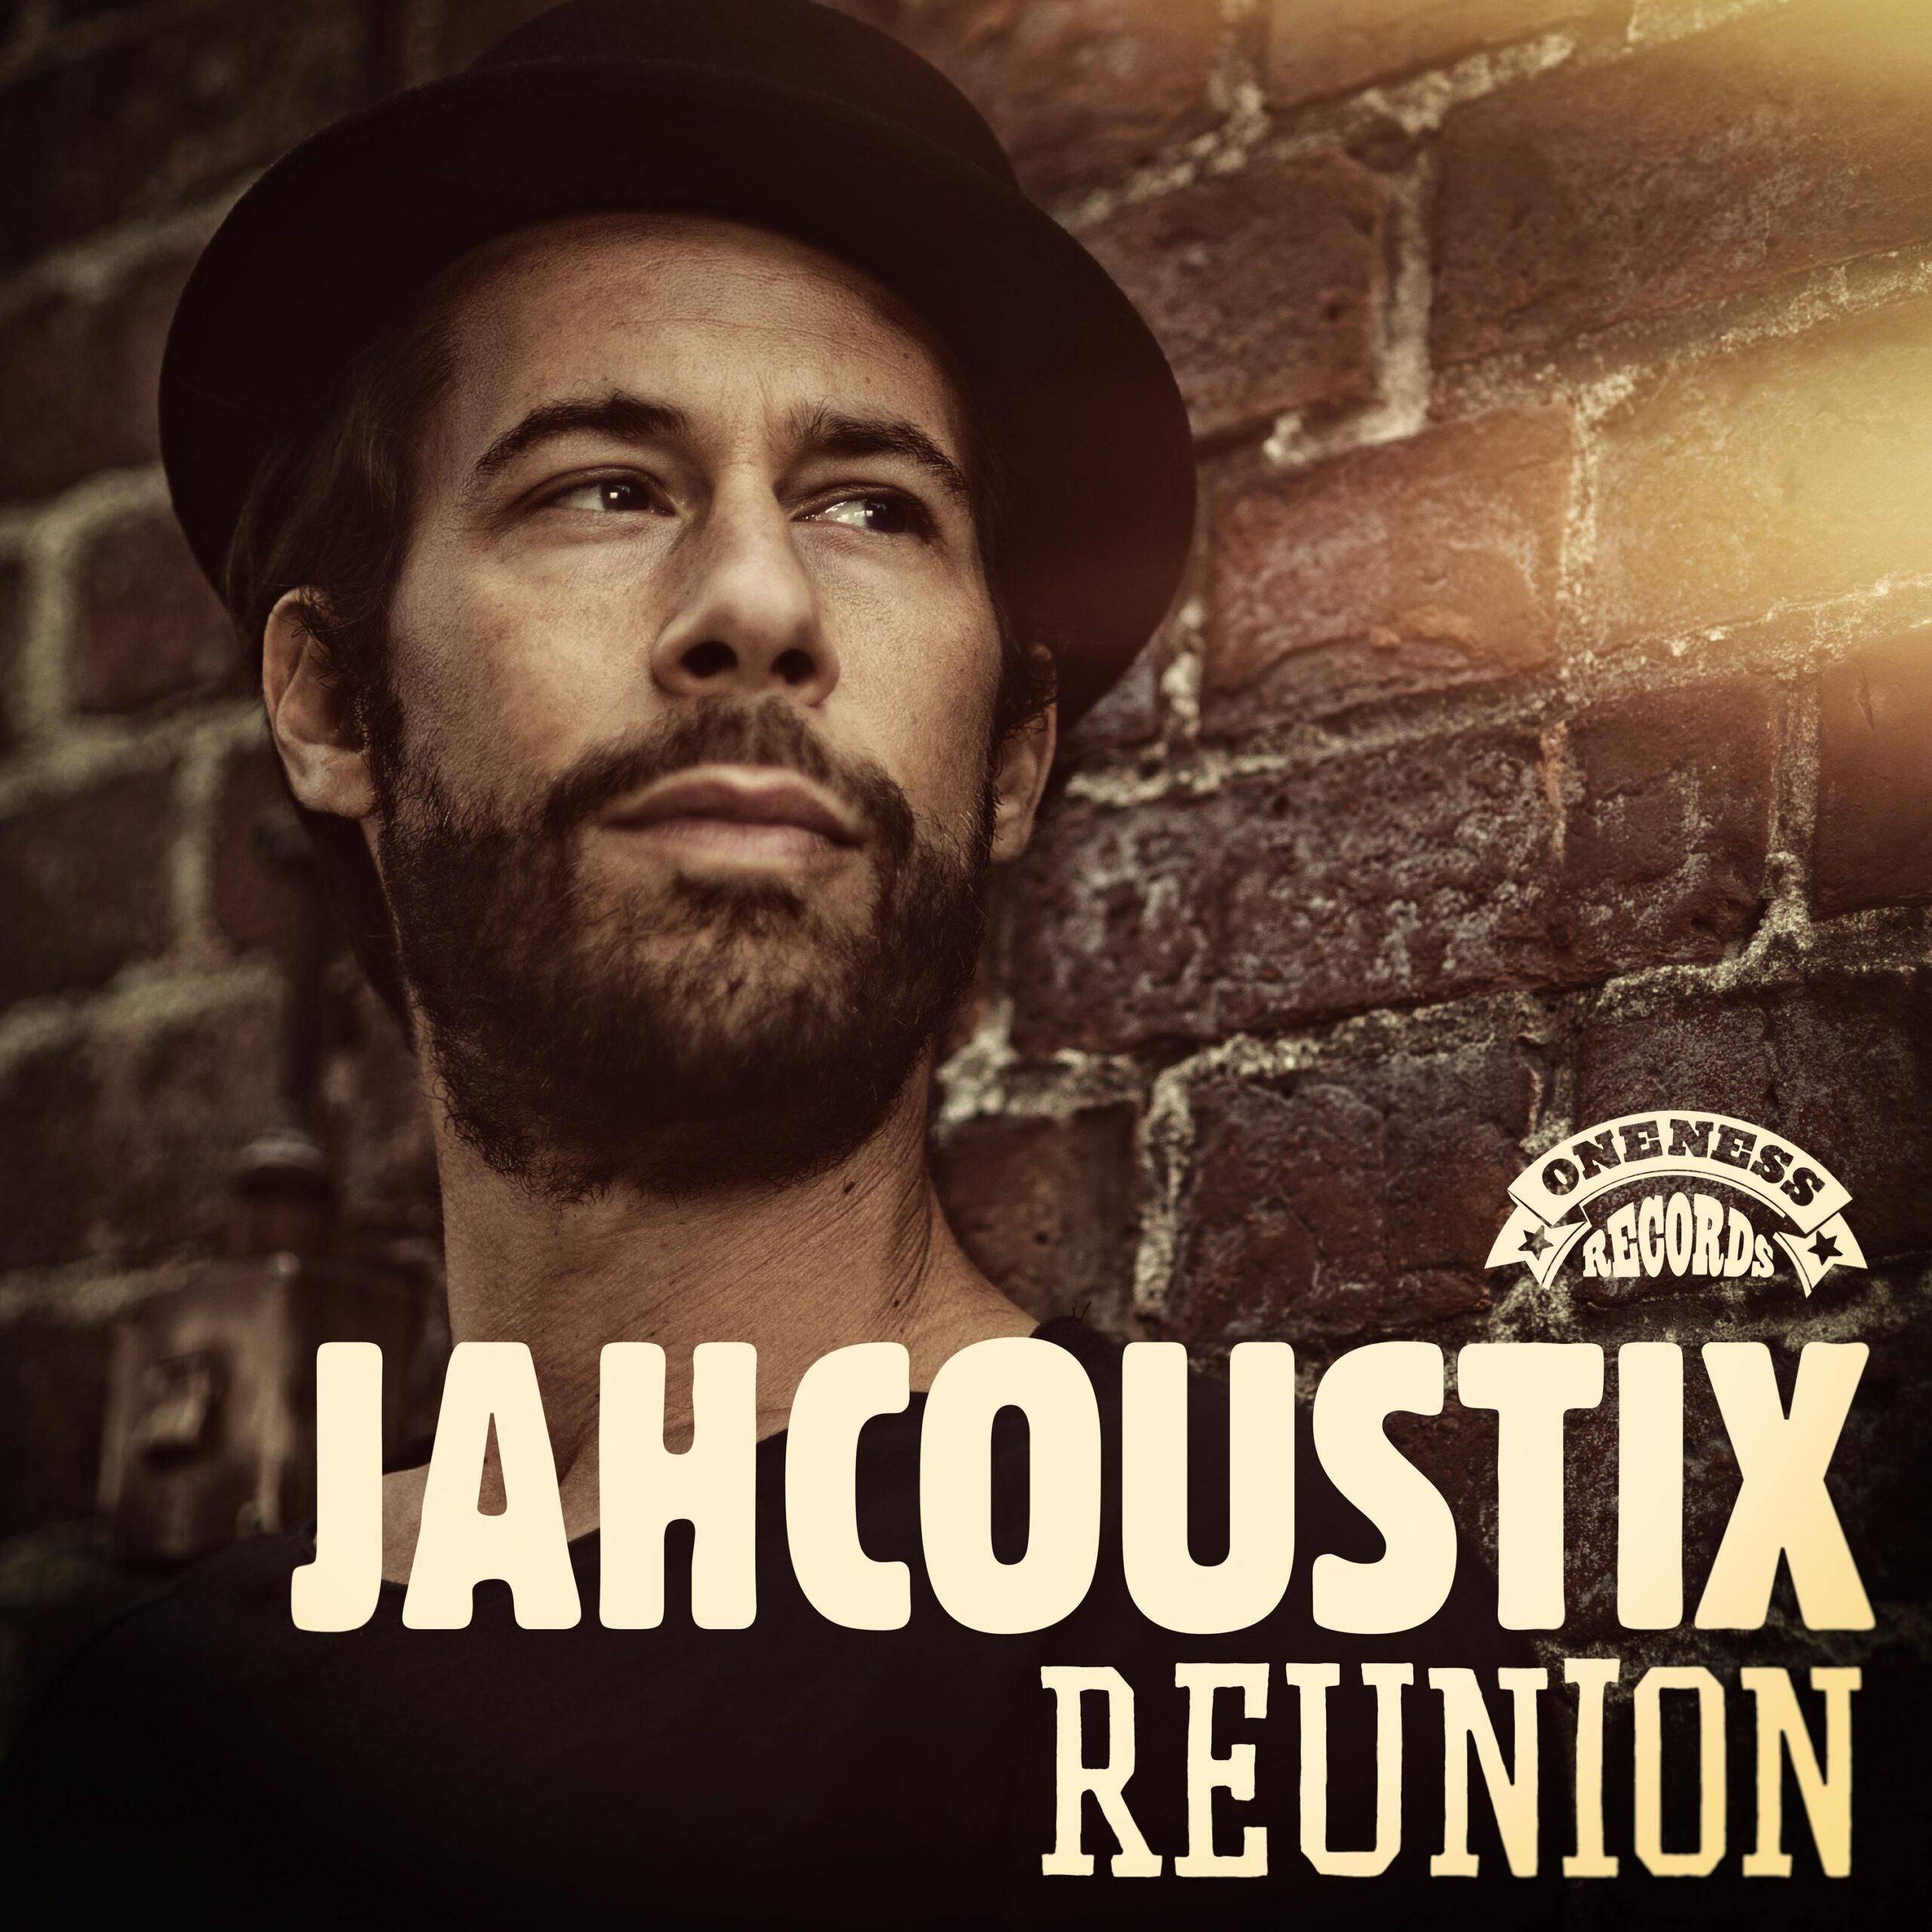 Jahcoustic Reunion